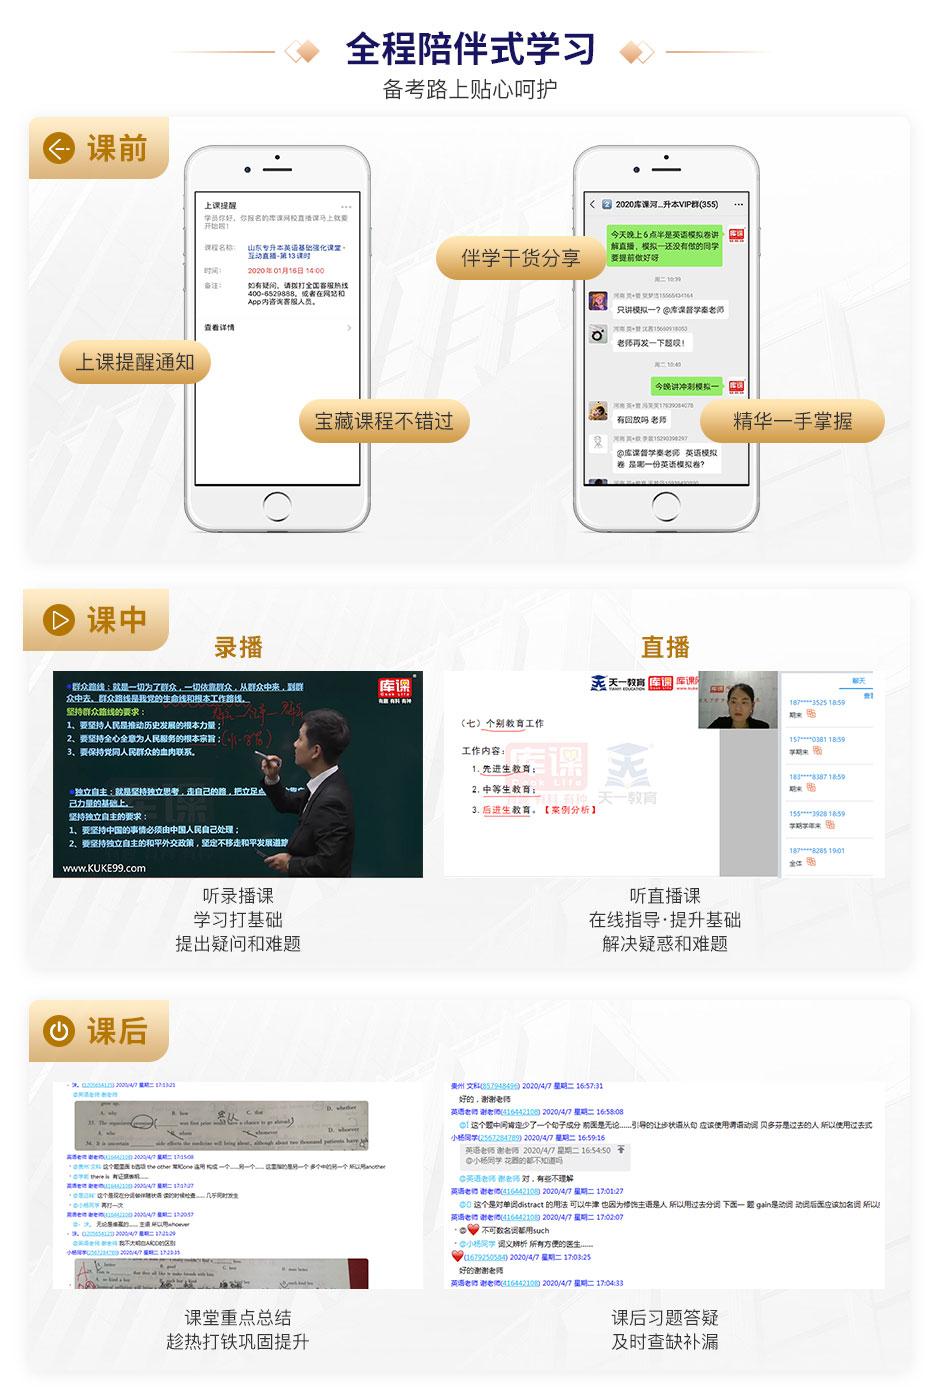 陕西vip-语文_04.jpg